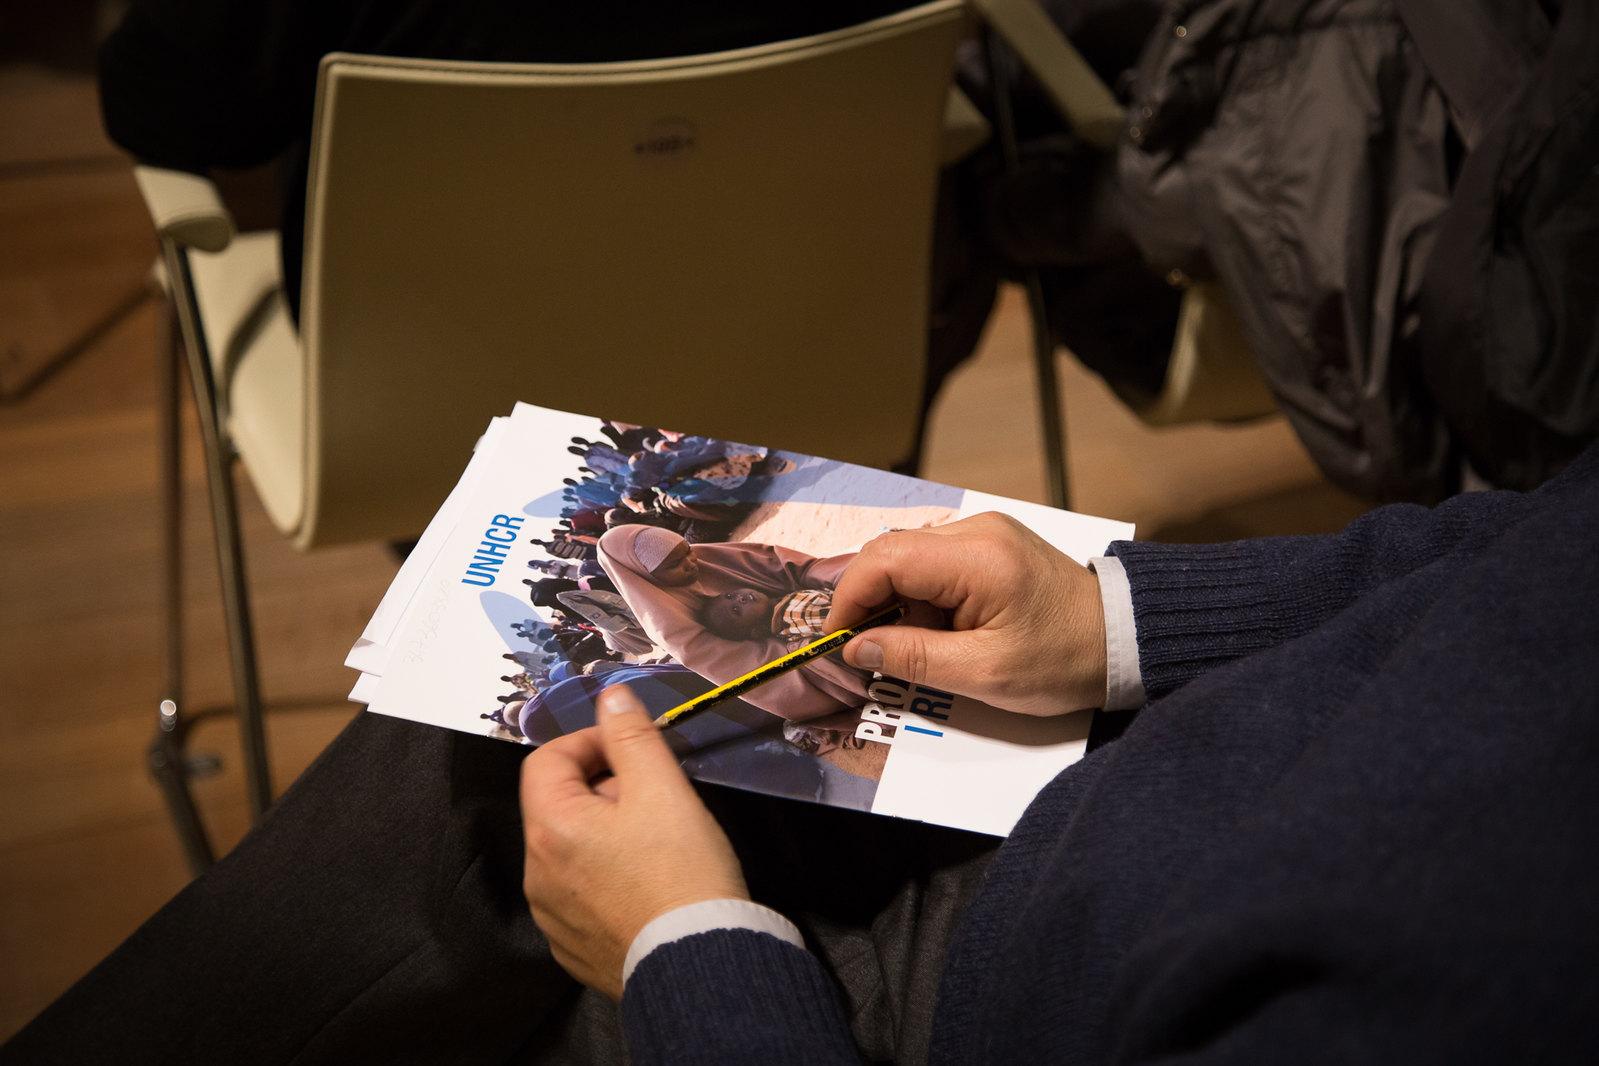 """""""Una storia dietro ogni numero"""" - Campagna per i rifugiati. Incontro 25/11 all'Auditorium di Sant'Apollonia di Firenze"""